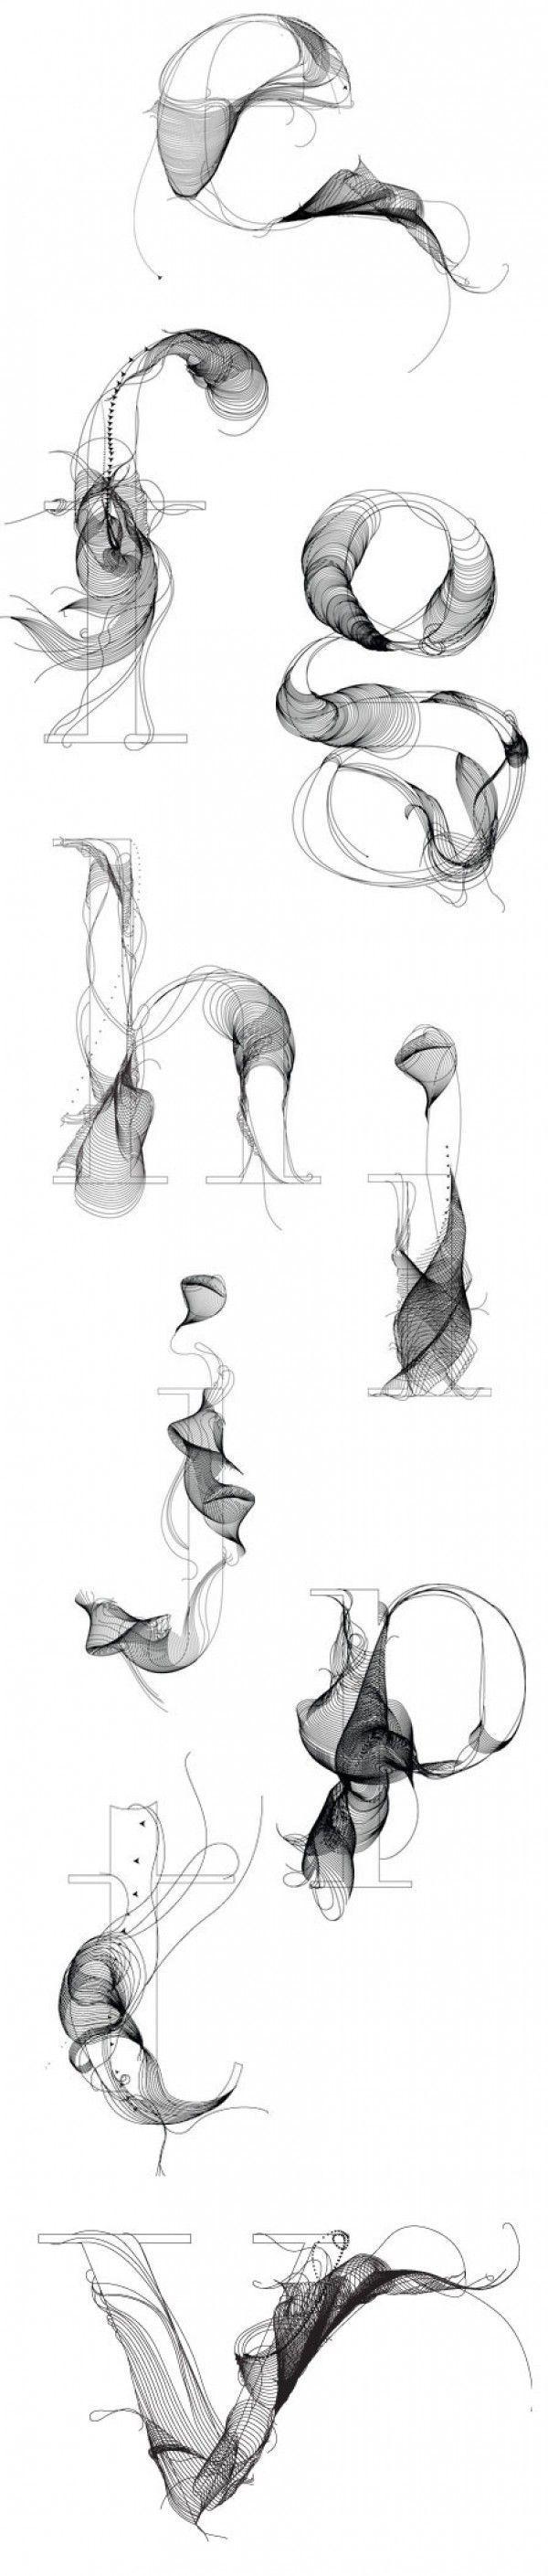 Typographie #10 : Un caractère créatif ! | Blog du Webdesign